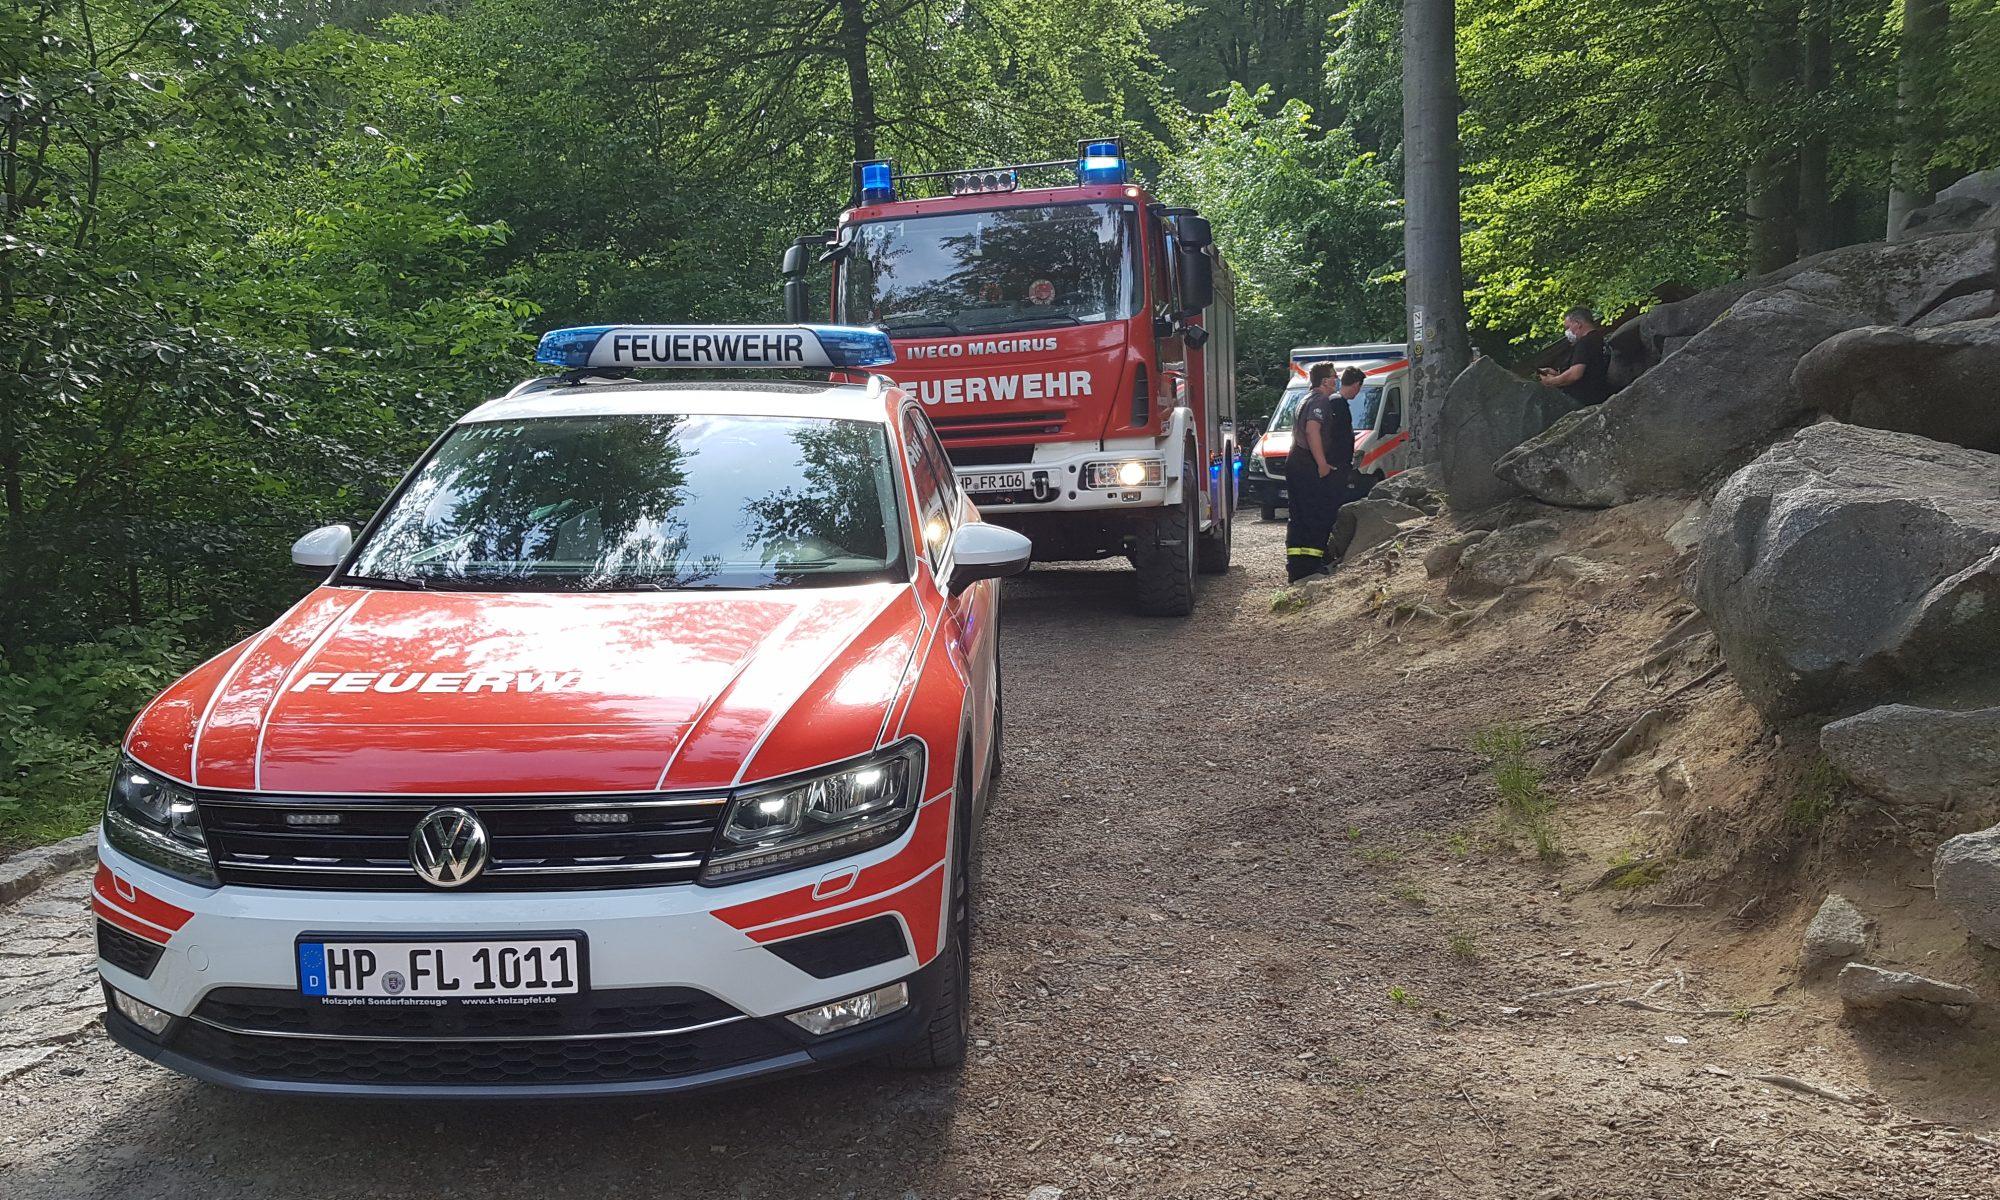 Feuerwehr und Rettungsdienst bei Rettungspunkt 4 im Felsenmeer am 27.06.2021 (2. Einsatz)